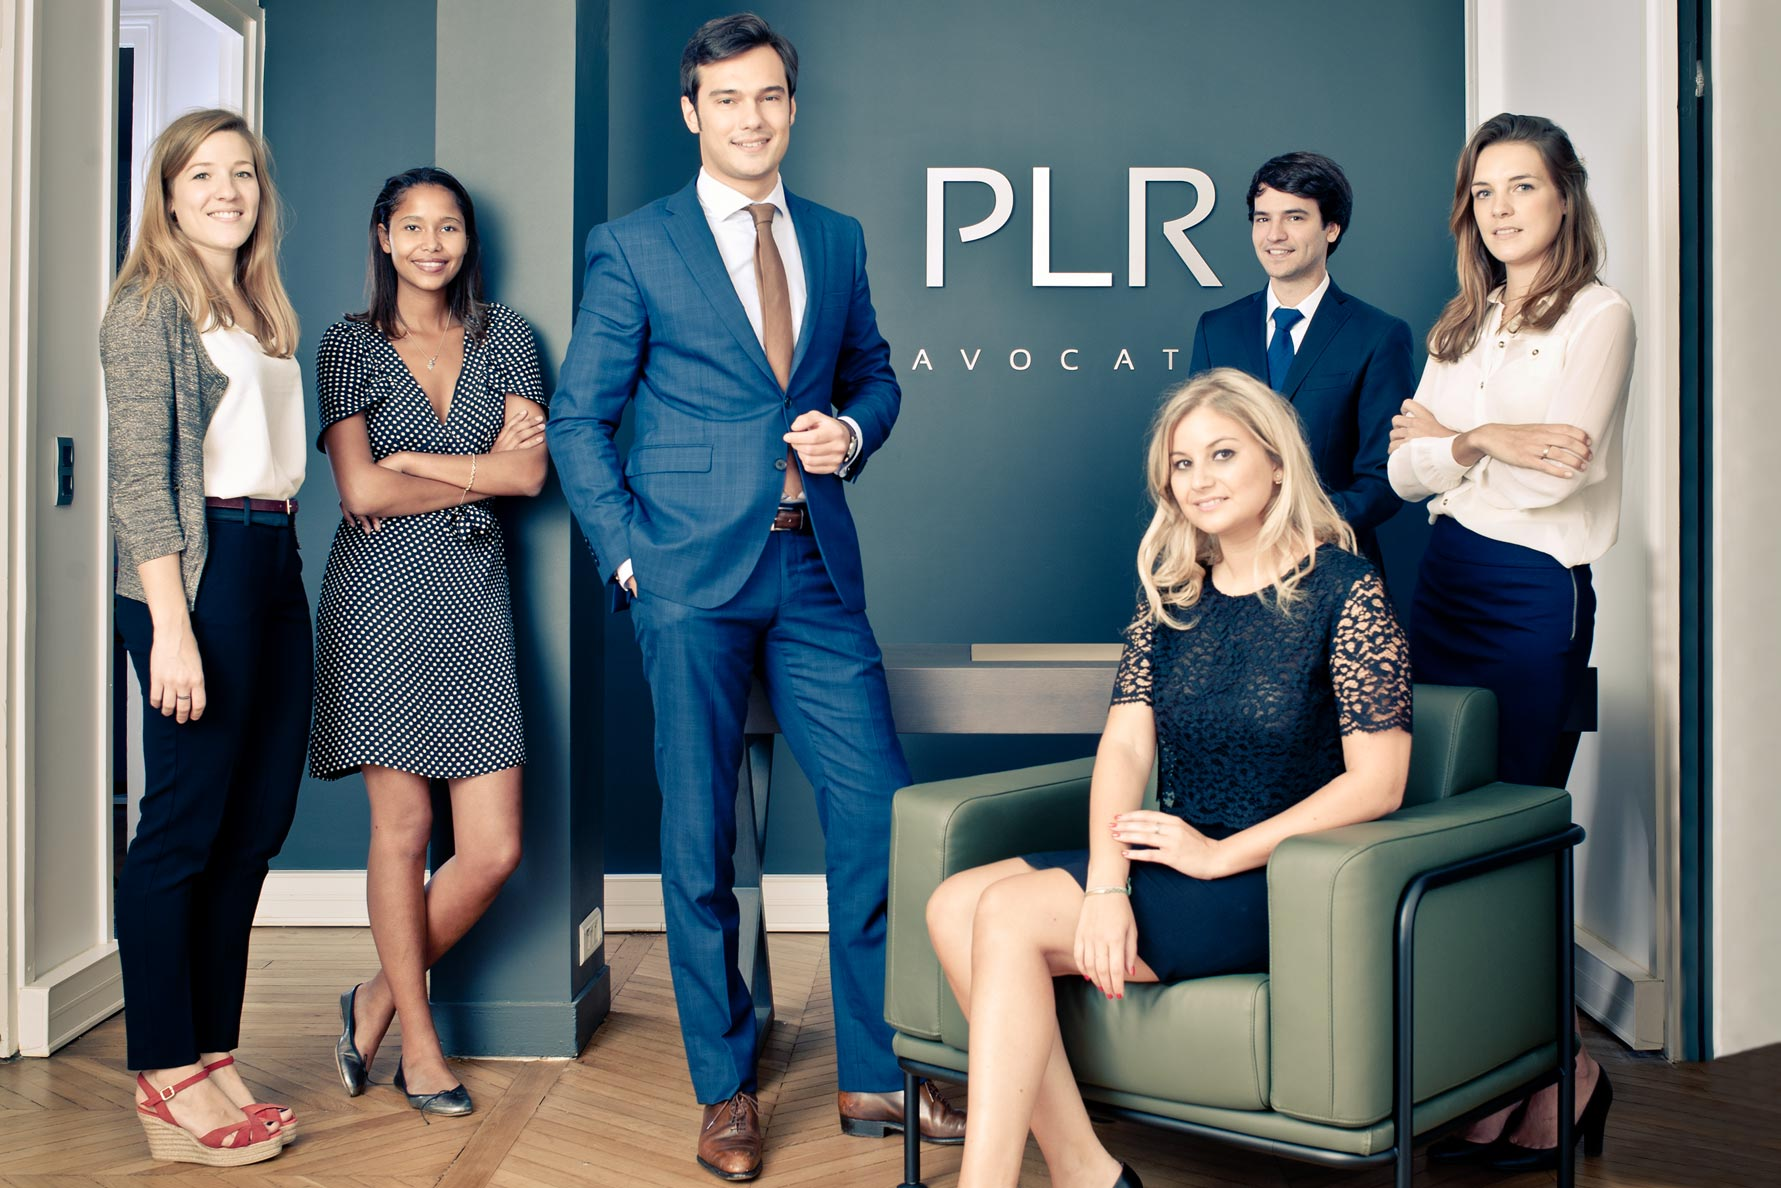 Photographie de présentation collective des collaborateurs d'un cabinet d'avocat